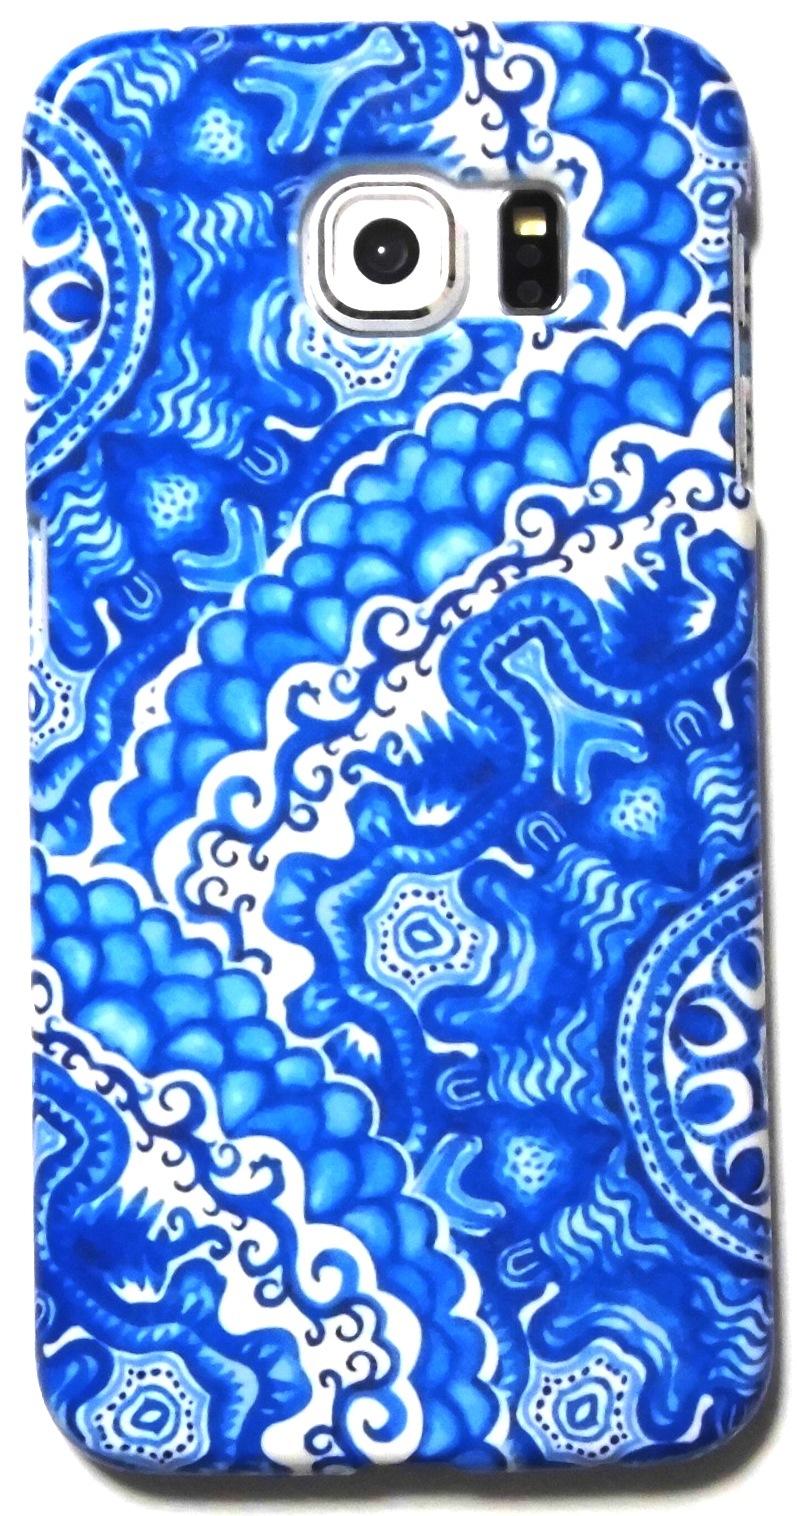 Watercolor galaxy s6 case (5)11